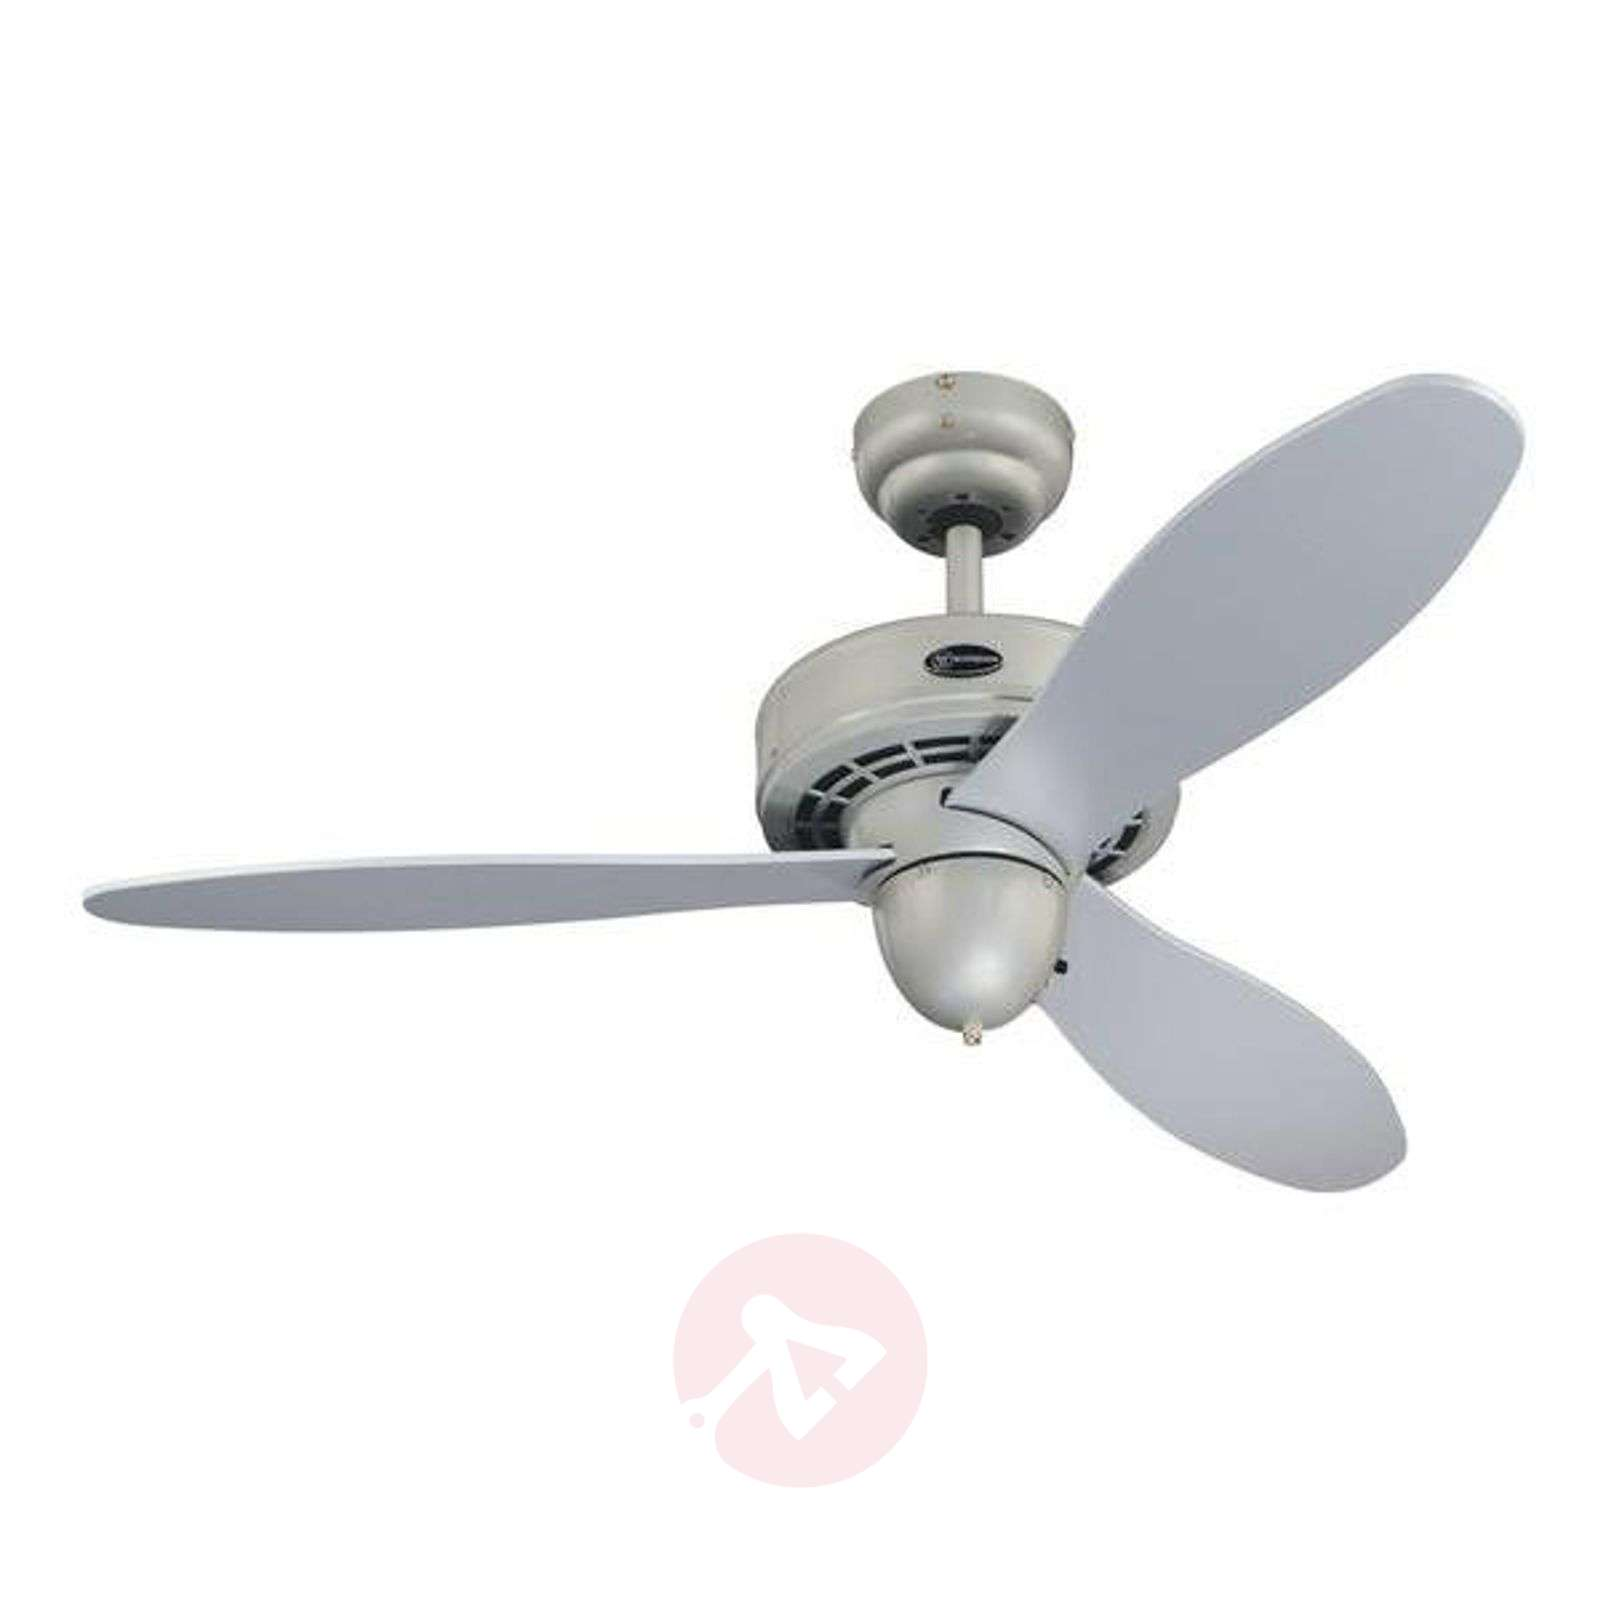 Erittäin hiljainen hopeinen Airplane-tuuletin-9602038-02